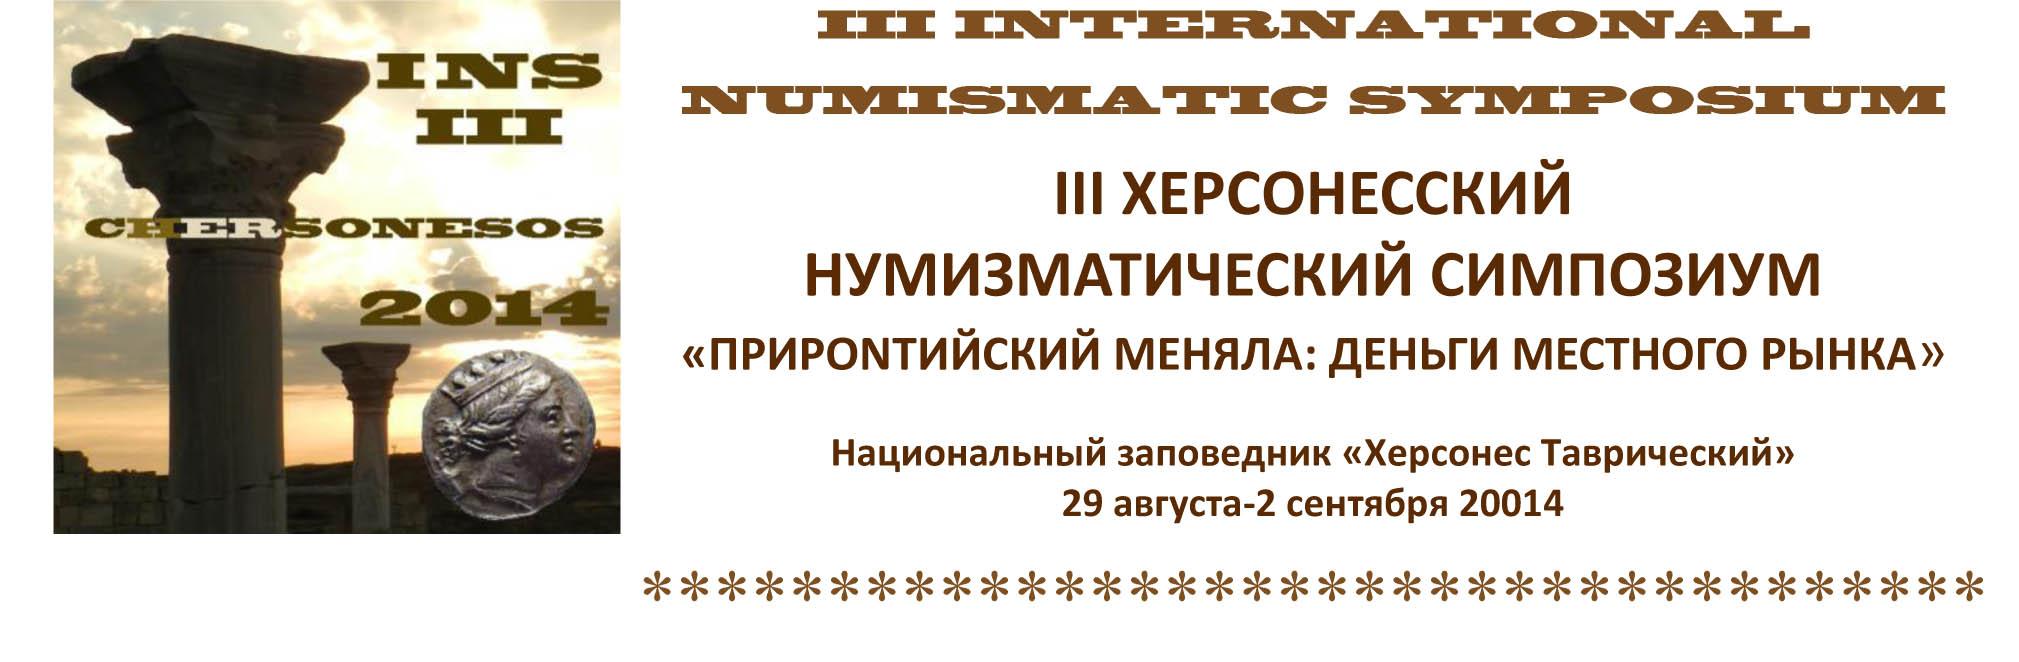 http://sf.uploads.ru/tCebq.jpg